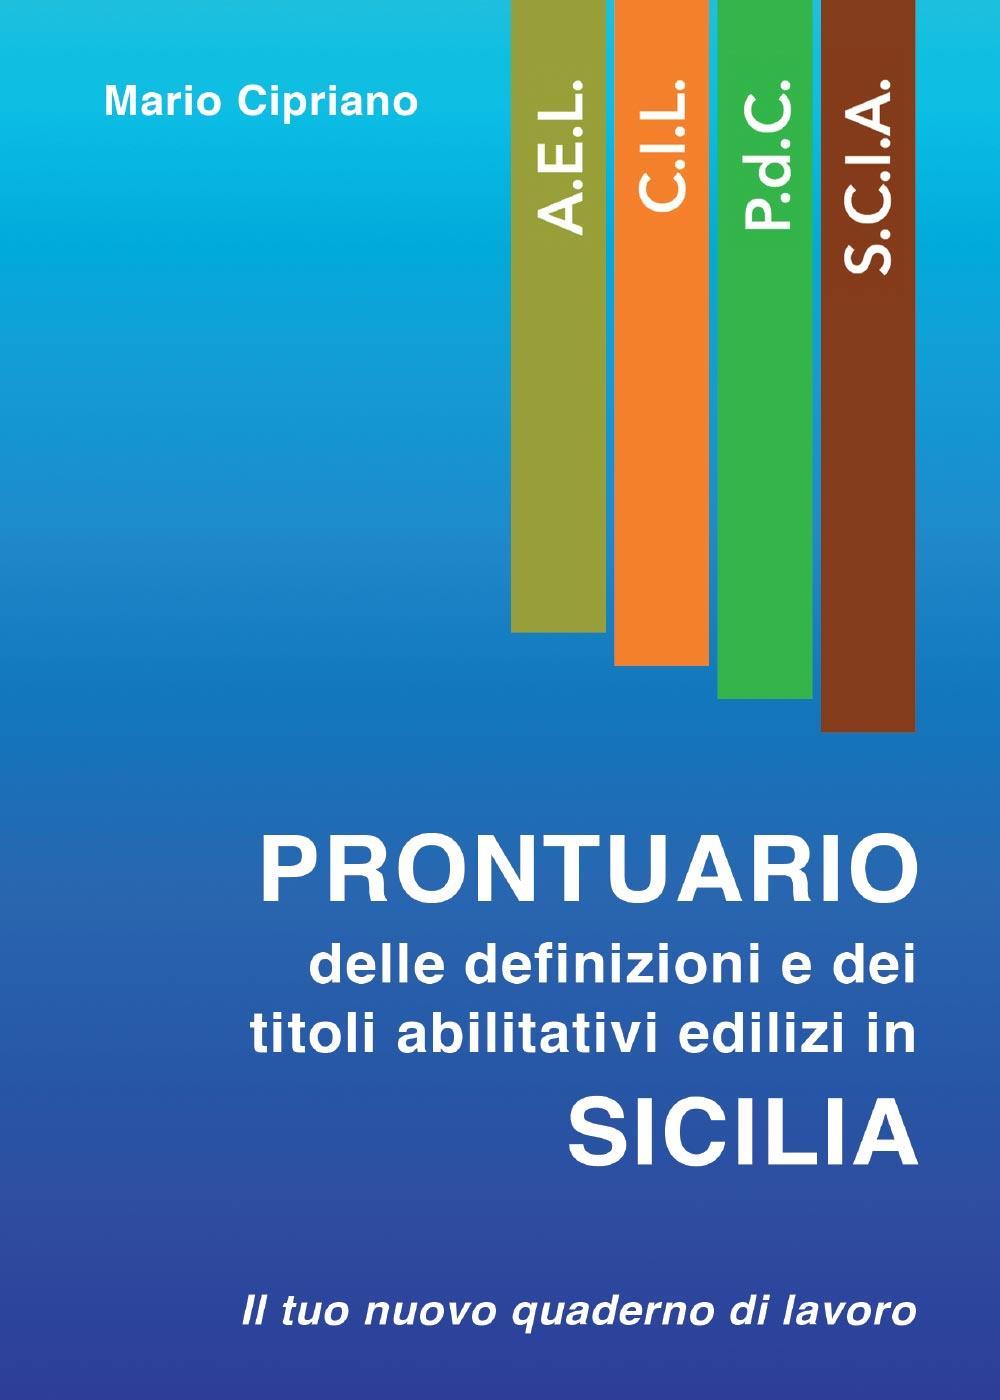 Prontuario delle definizioni e dei titoli abilitativi edilizi in Sicilia